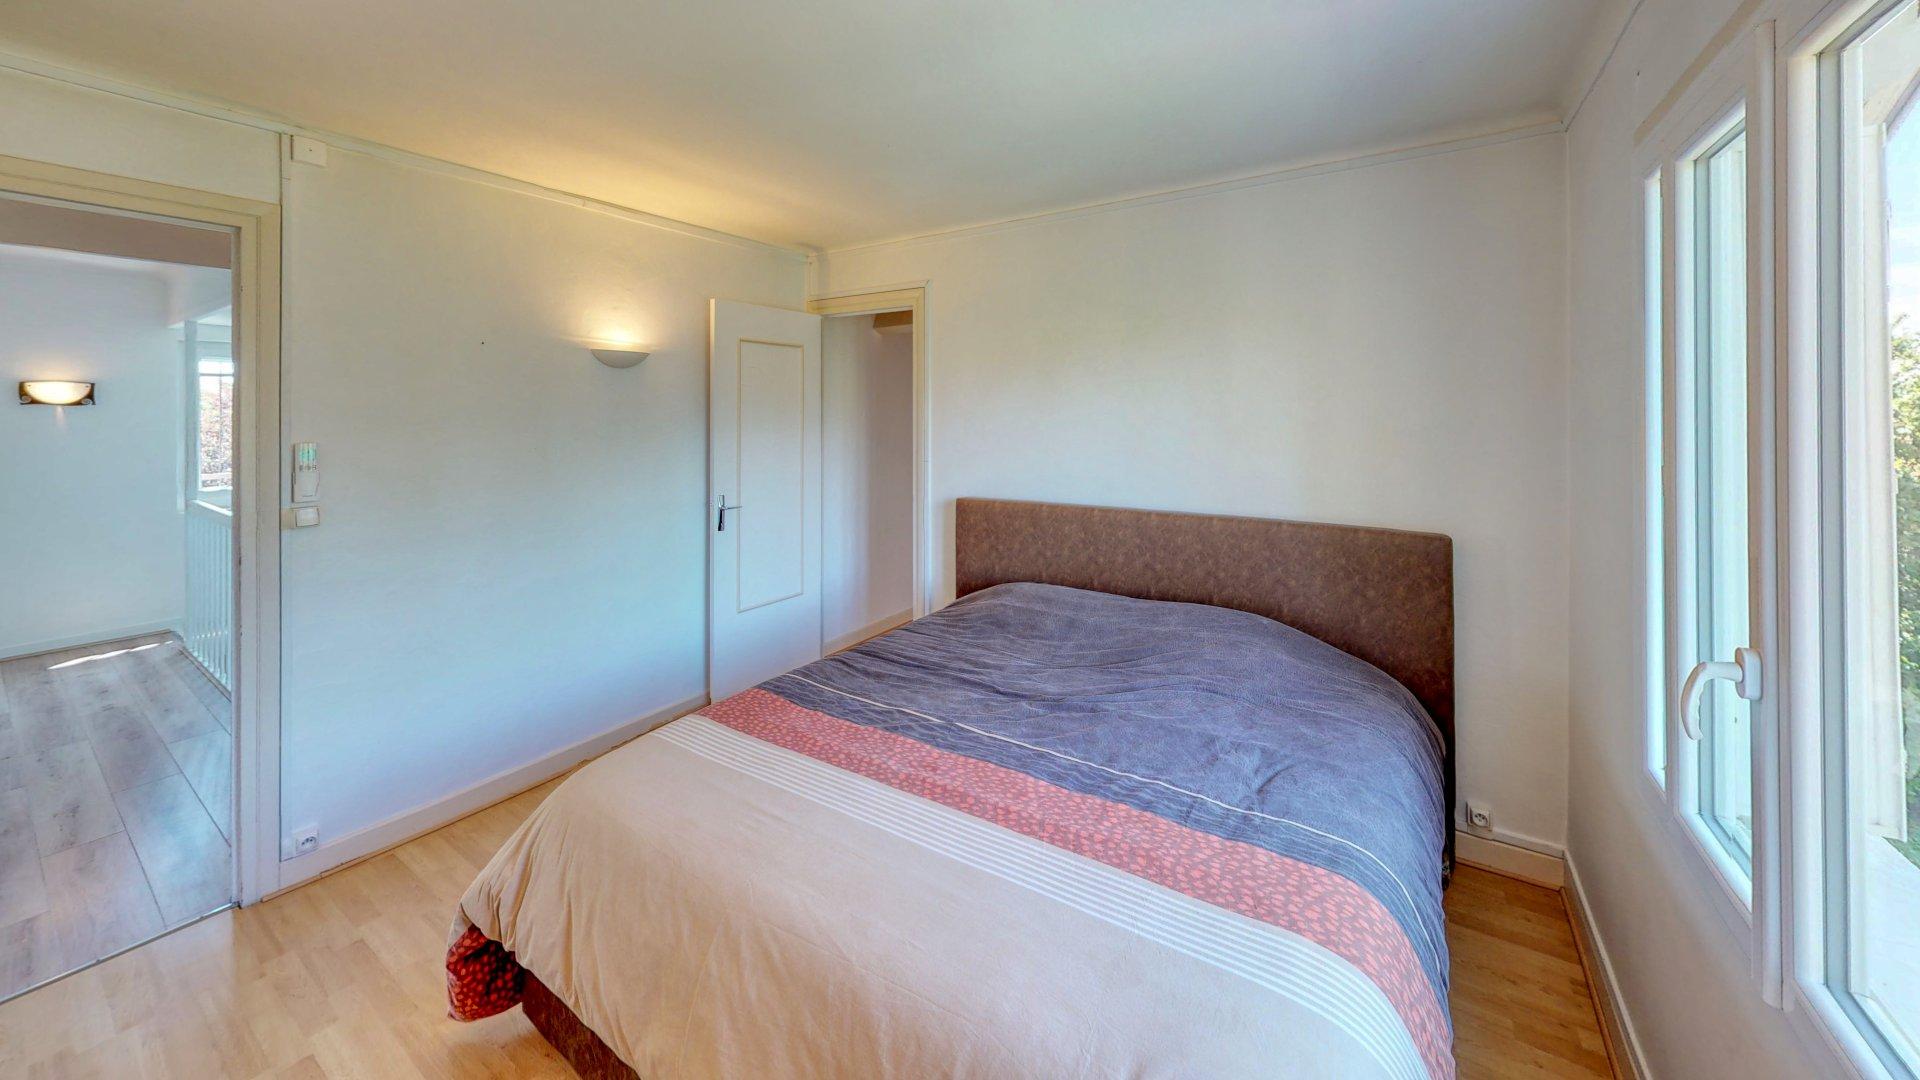 Maison 7 pièces - 5 chambres - 180m2 hab